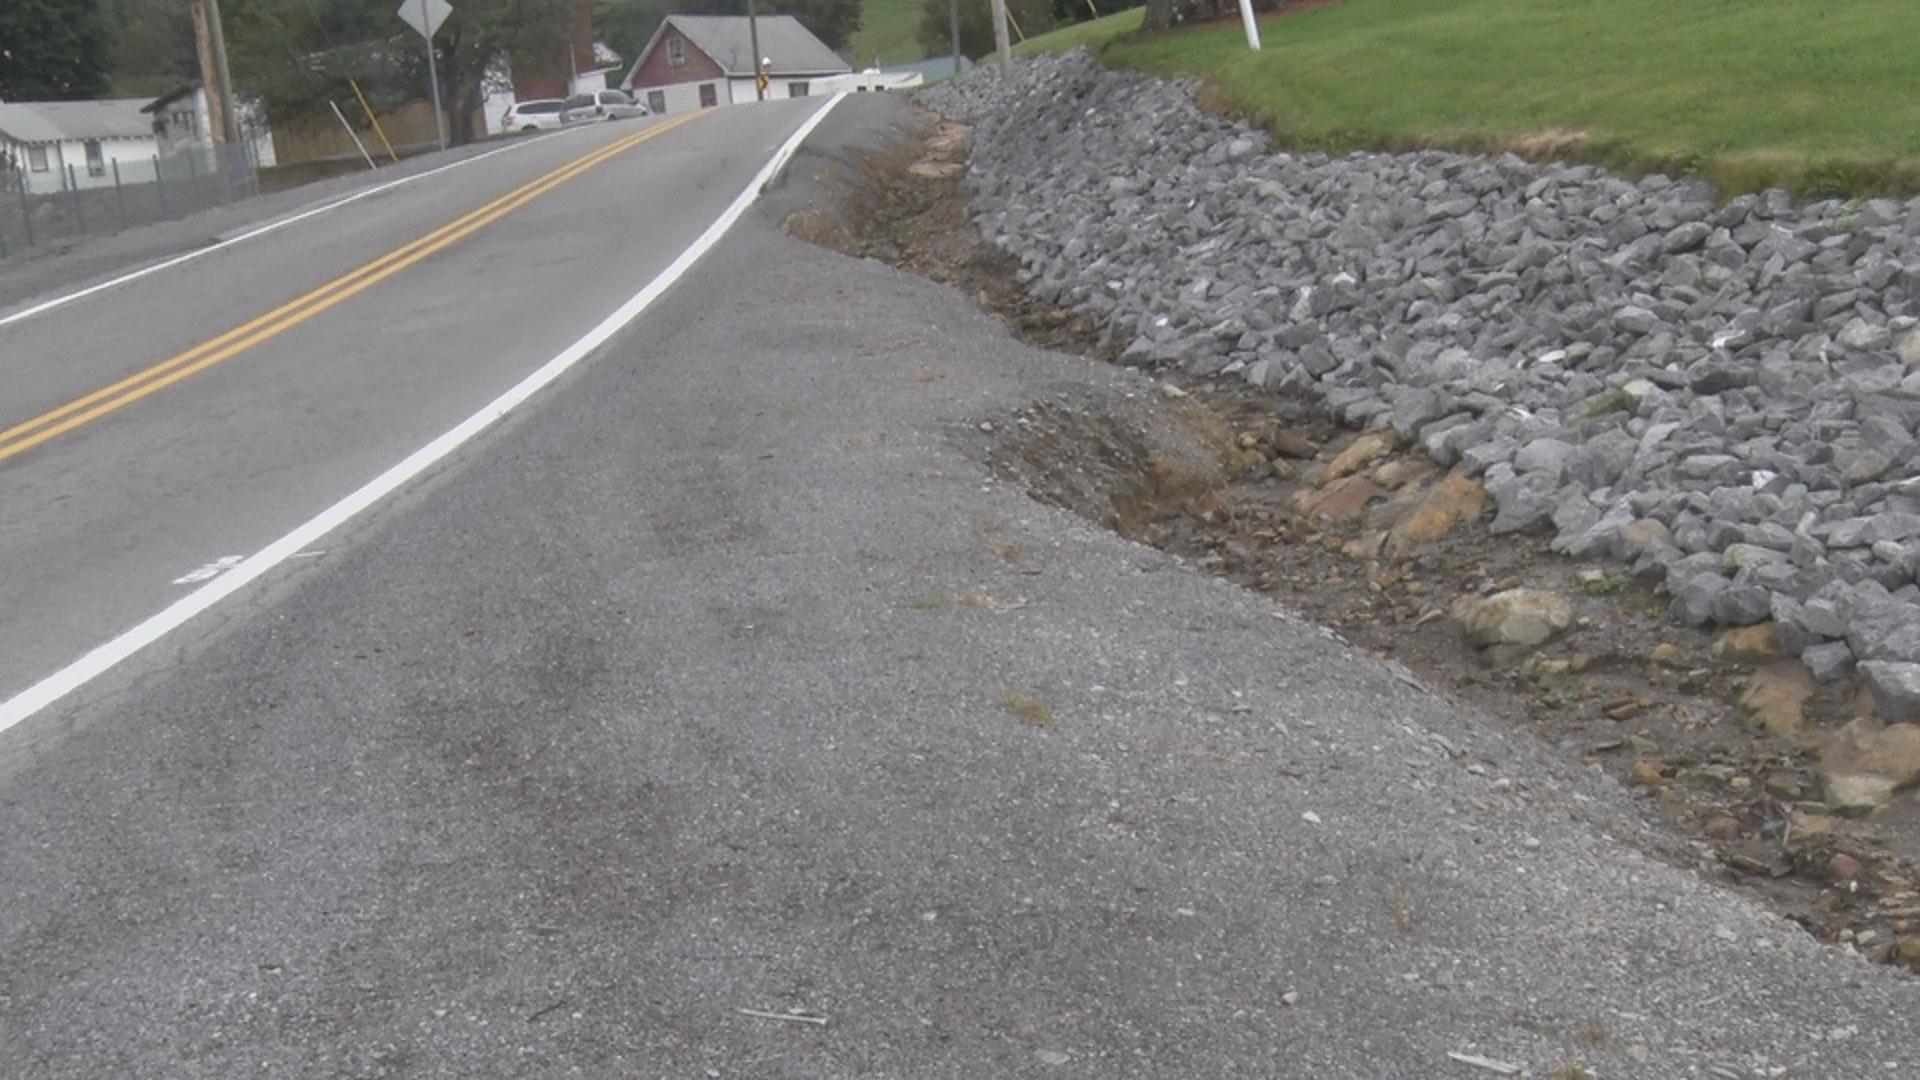 road crack_1538519690622.jpg.jpg